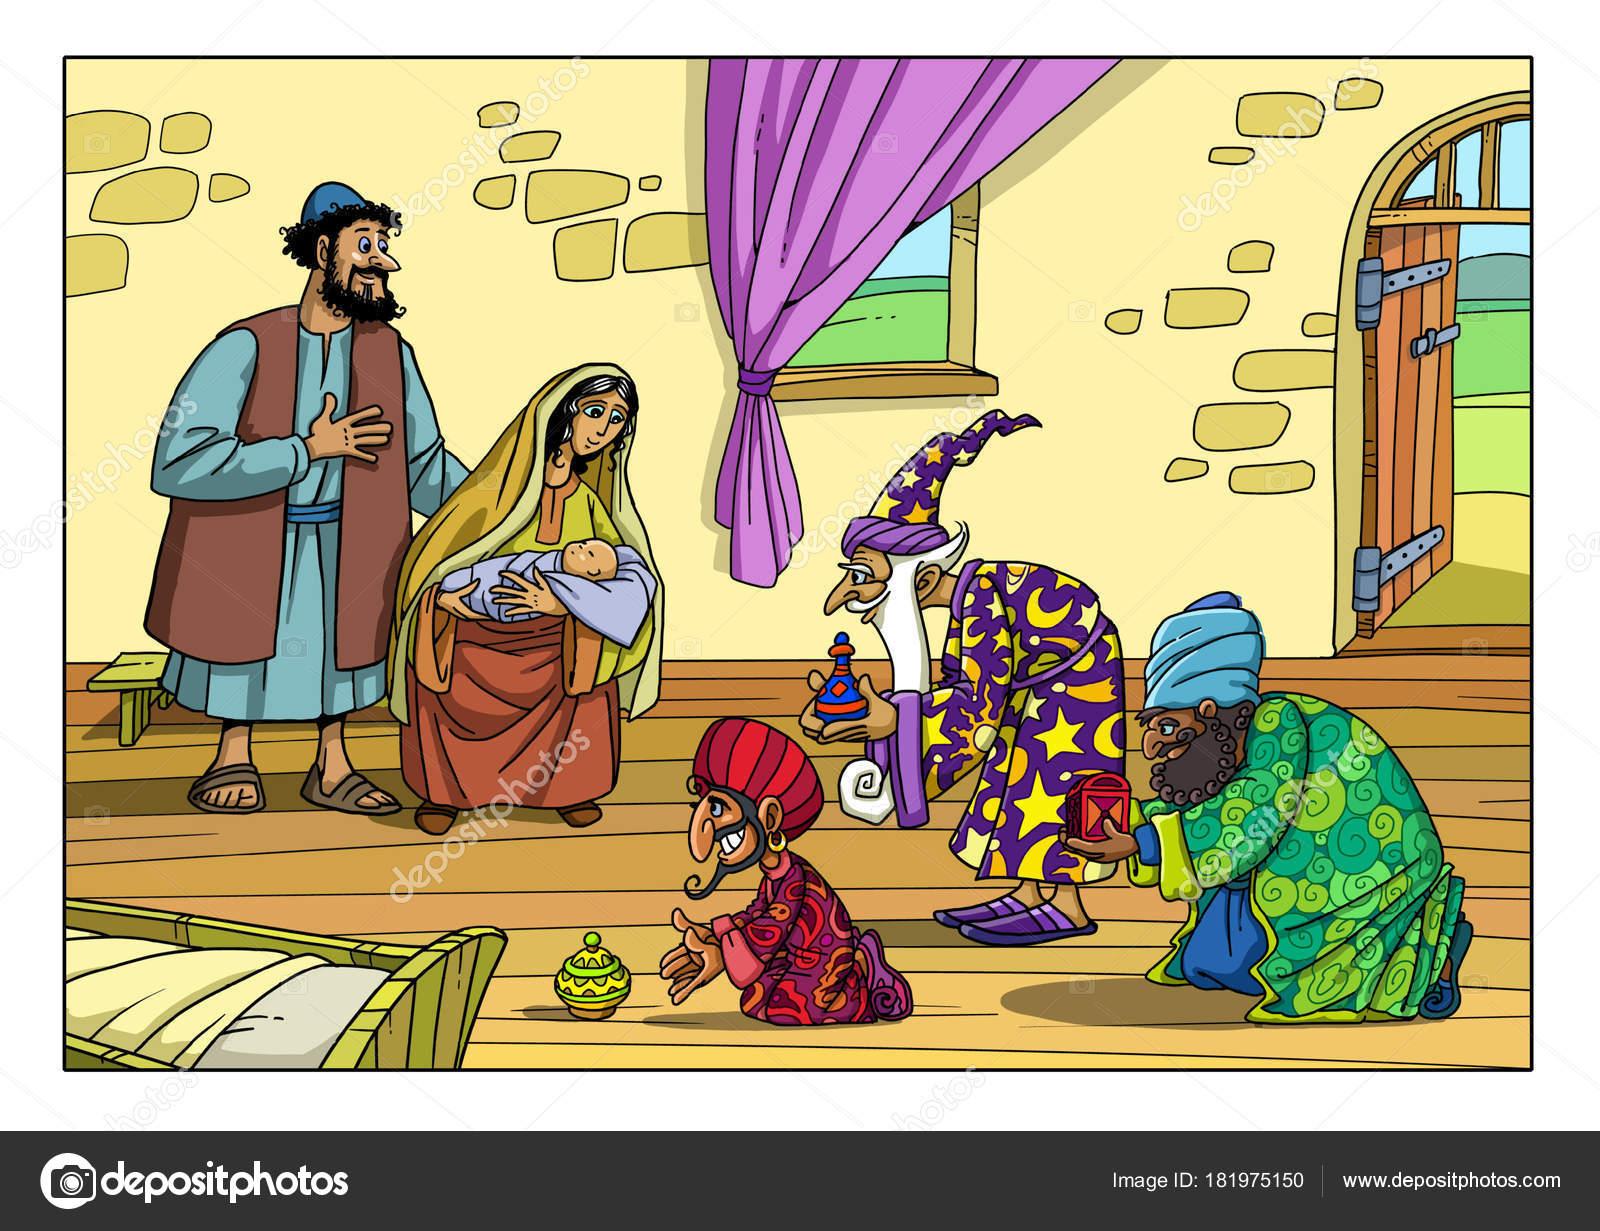 Weihnachtsgeschichte. Drei weisen brachten dem Jesuskind Geschenke ...